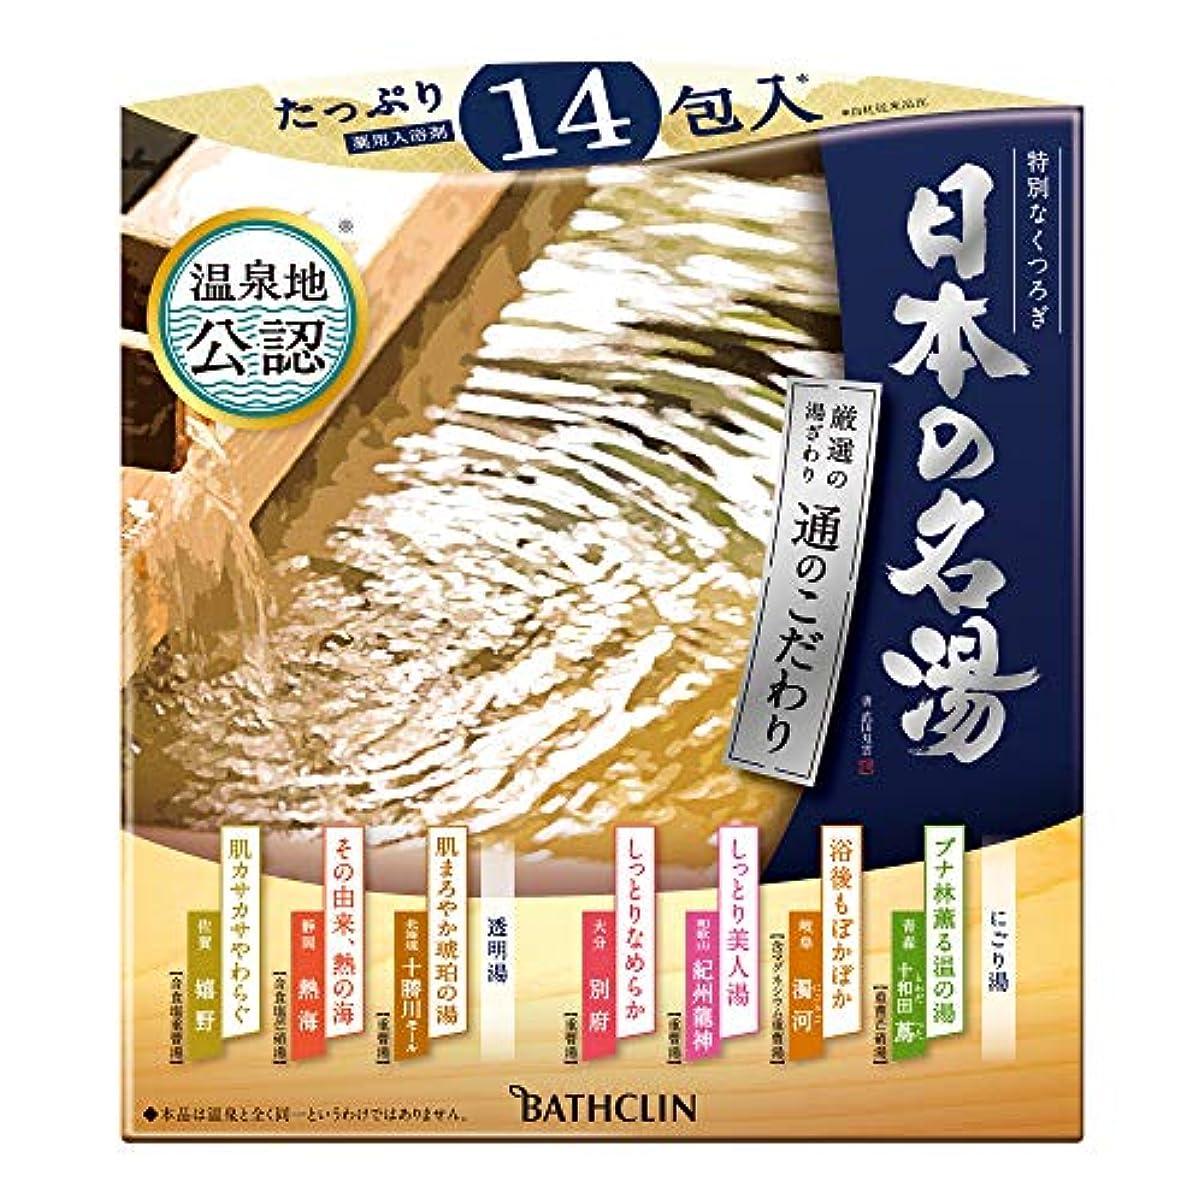 里親消化器素晴らしい良い多くの日本の名湯 通のこだわり 入浴剤 色と香りで情緒を表現した温泉タイプ入浴剤 セット 30g×14包